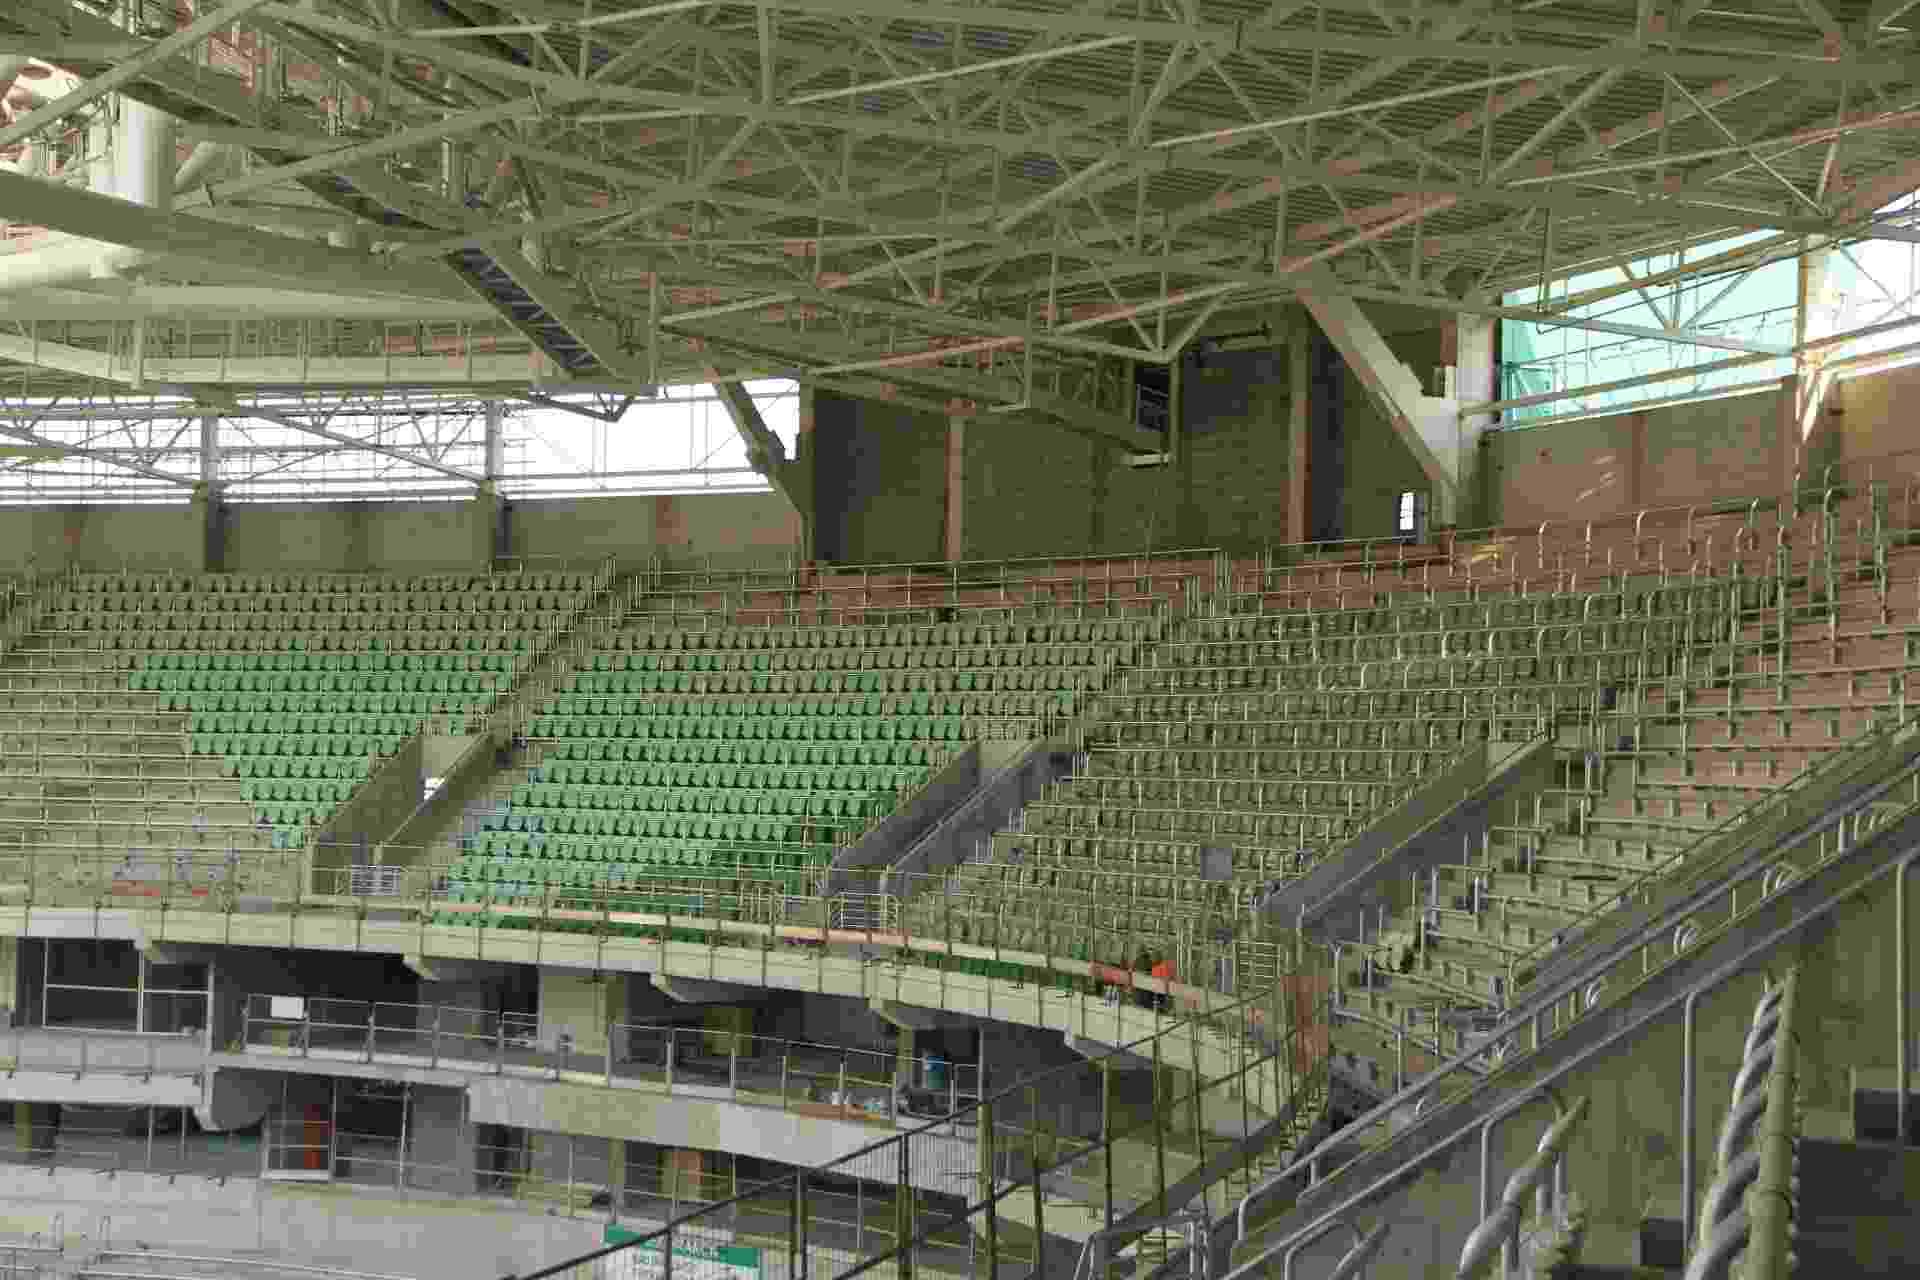 Cadeiras da Arena Palestra começam a ganhar segundo tom de verde nesta semana - Divulgação